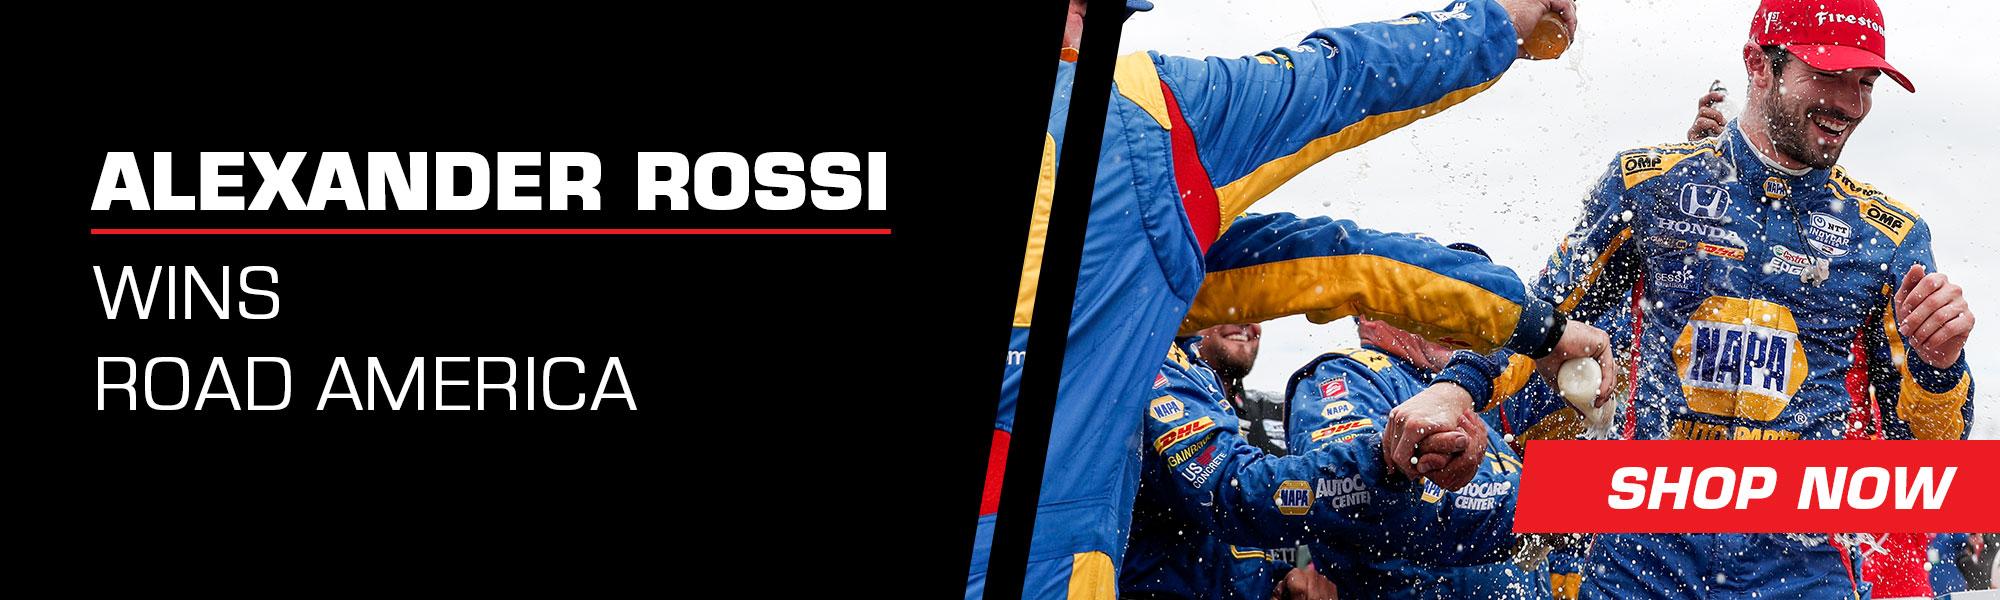 alex-rossi-wins-roadamerica-6-19.jpg